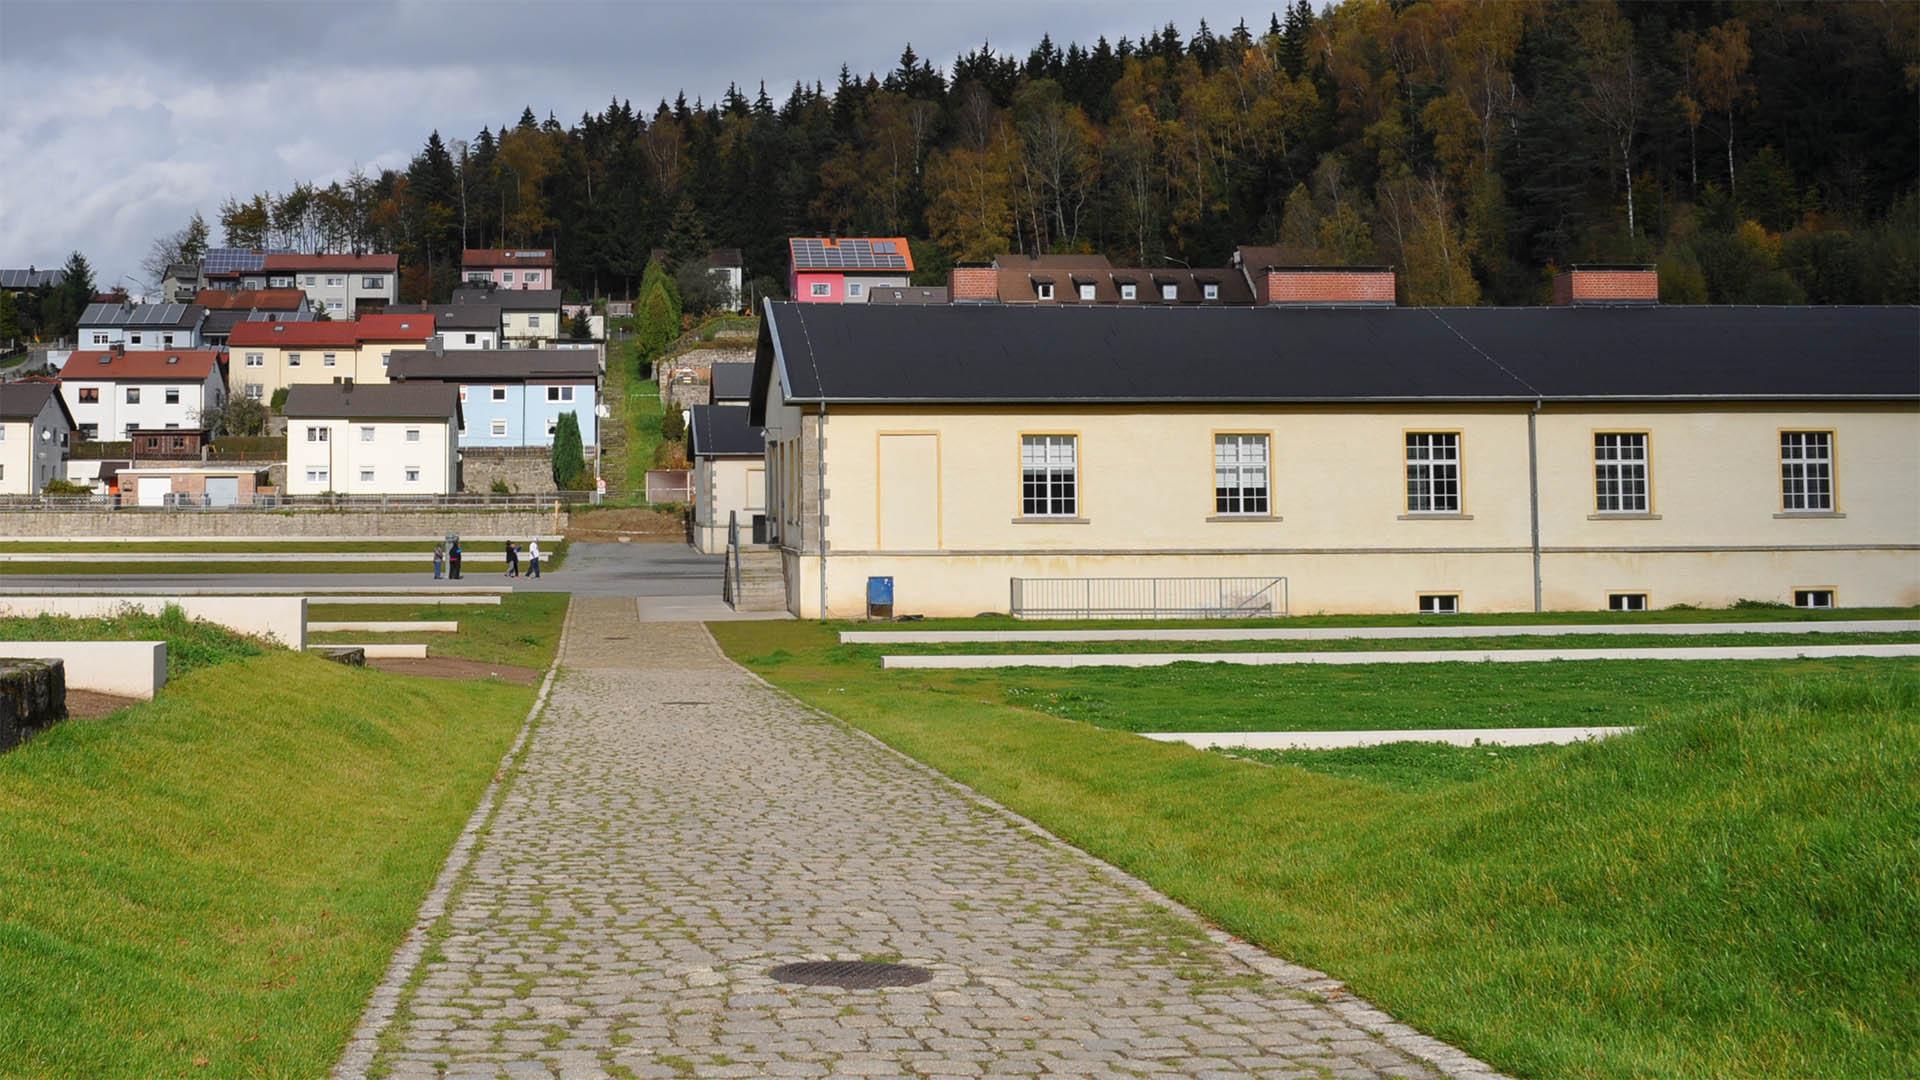 Im KZ Flossenbürg wurde am 9. April 1945 der Pastor Dietrich Bonhoeffer auf persönliche Anordnung von Adolf Hitler hingerichtet